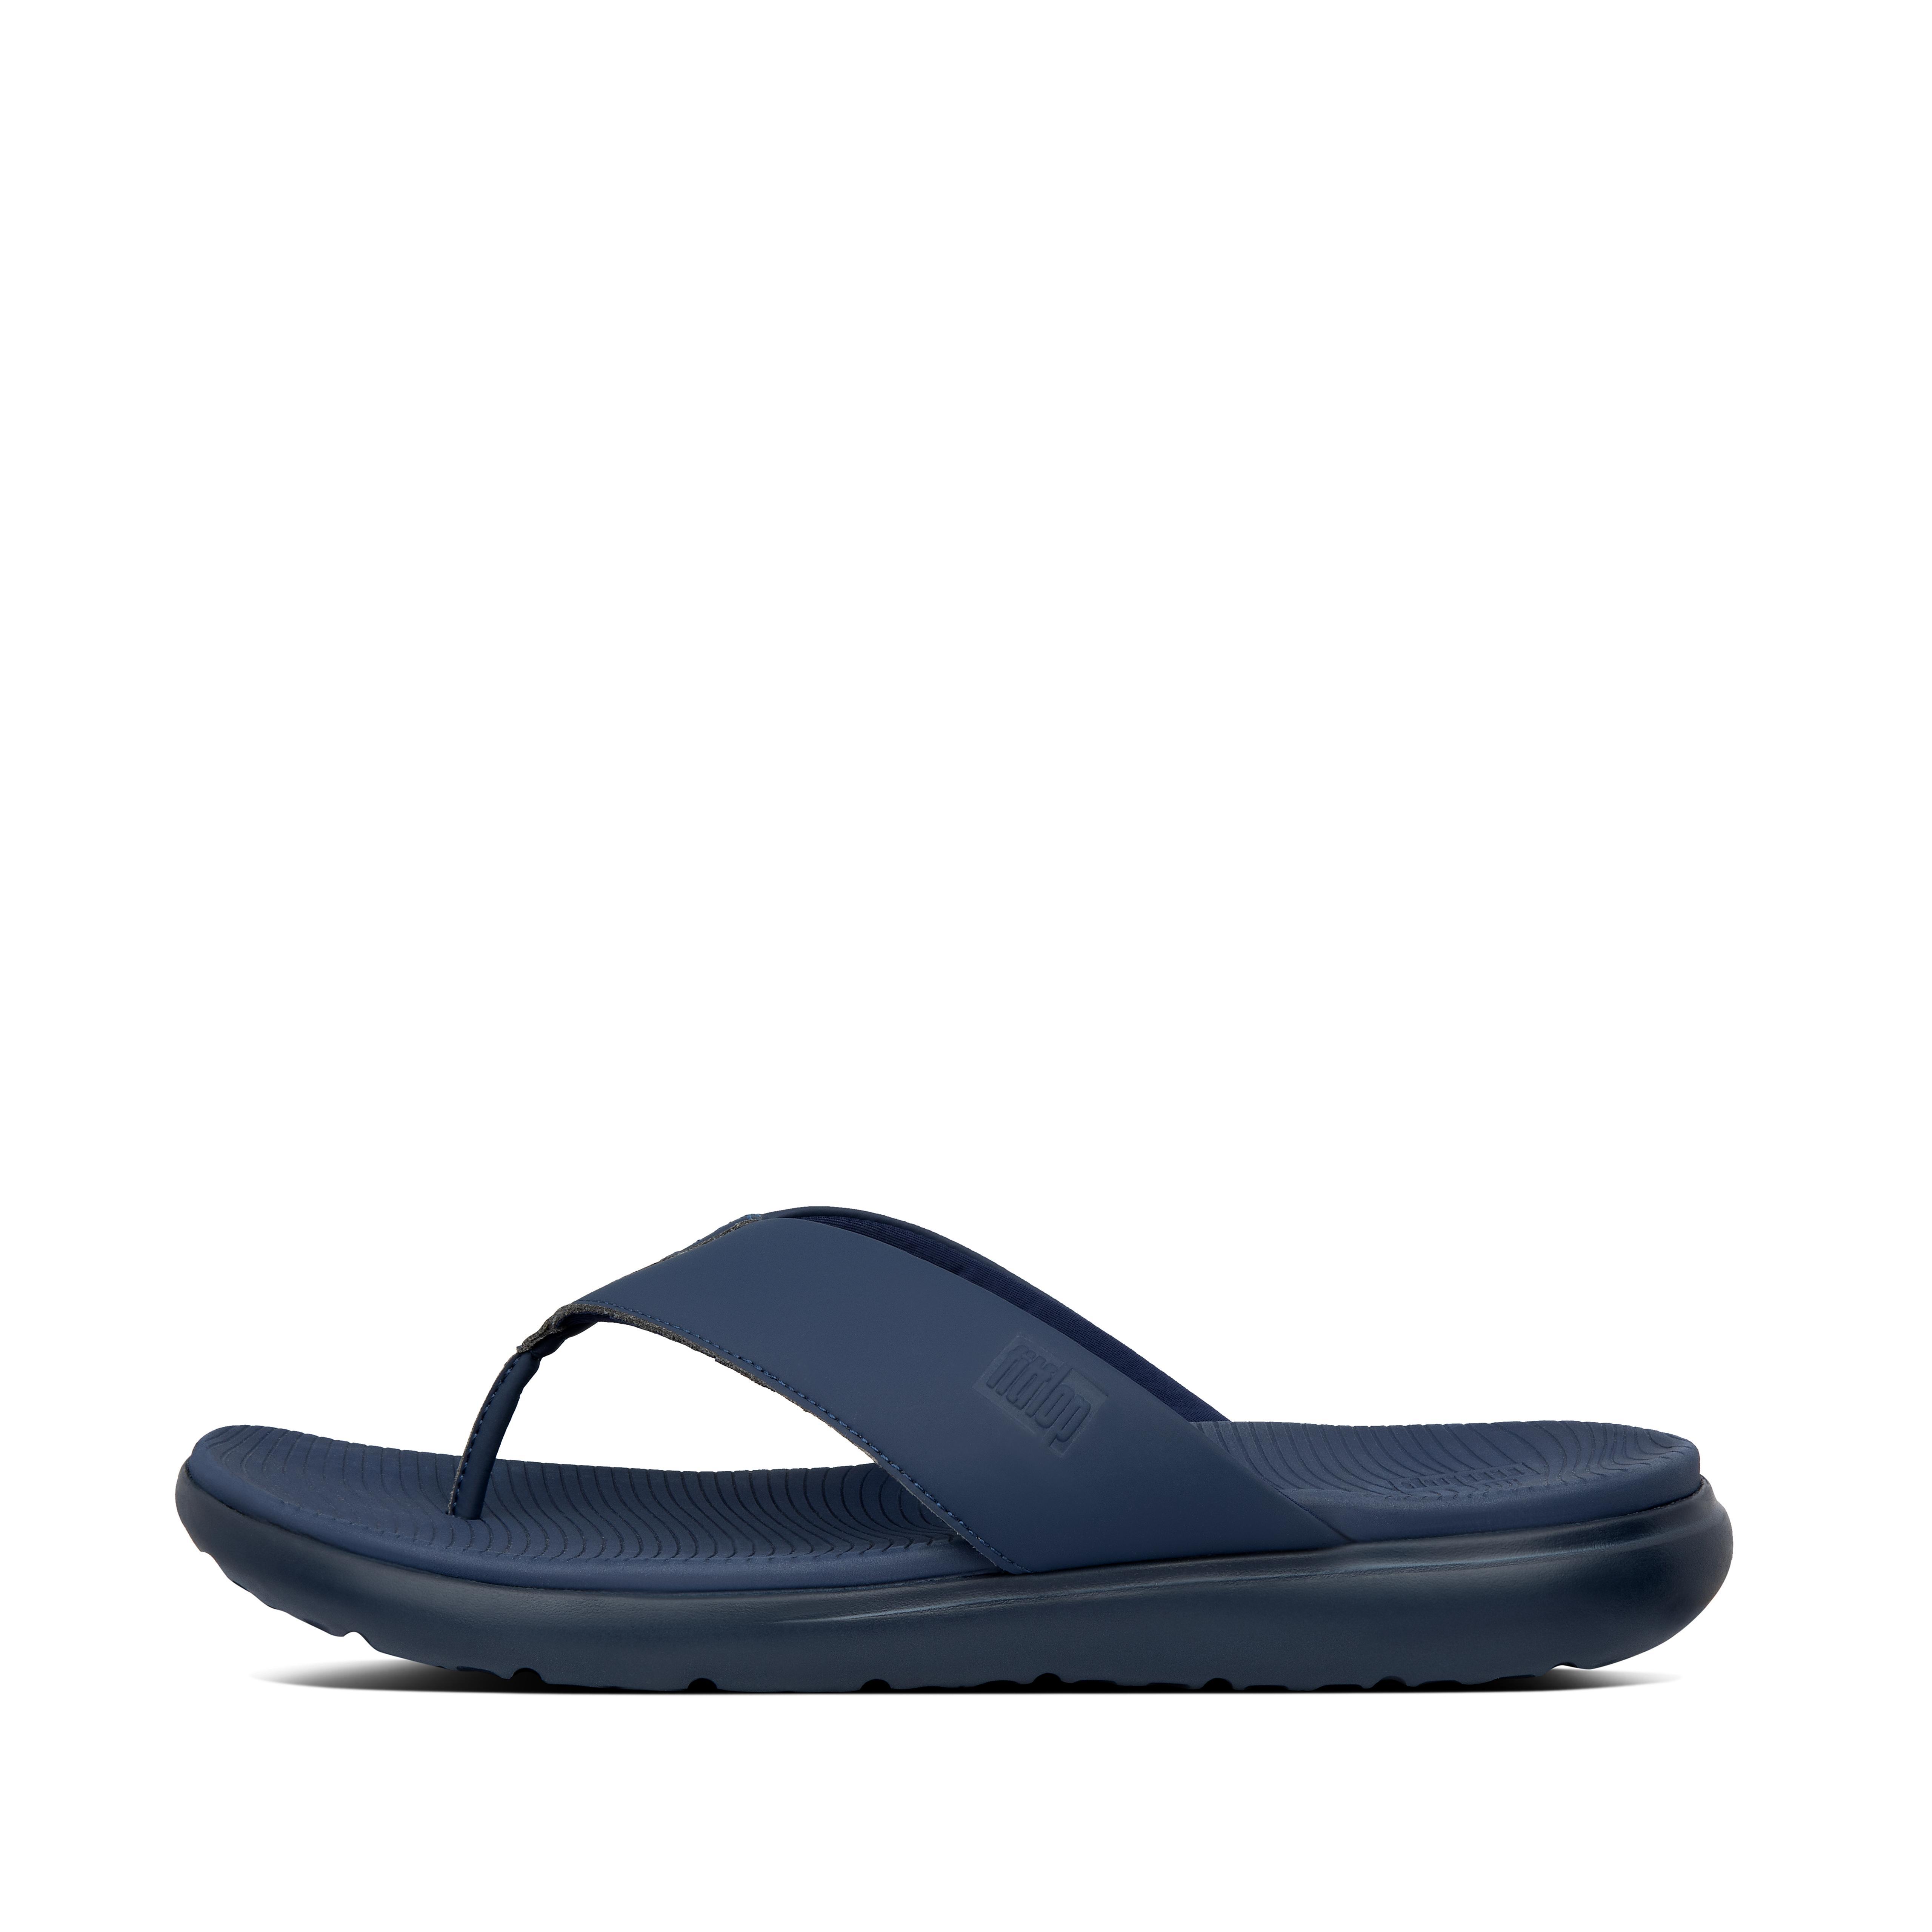 핏플랍 LIDO-II 샌들 Mens Lido-Ii Neoprene Toe-Post Sandals,Midnight Navy